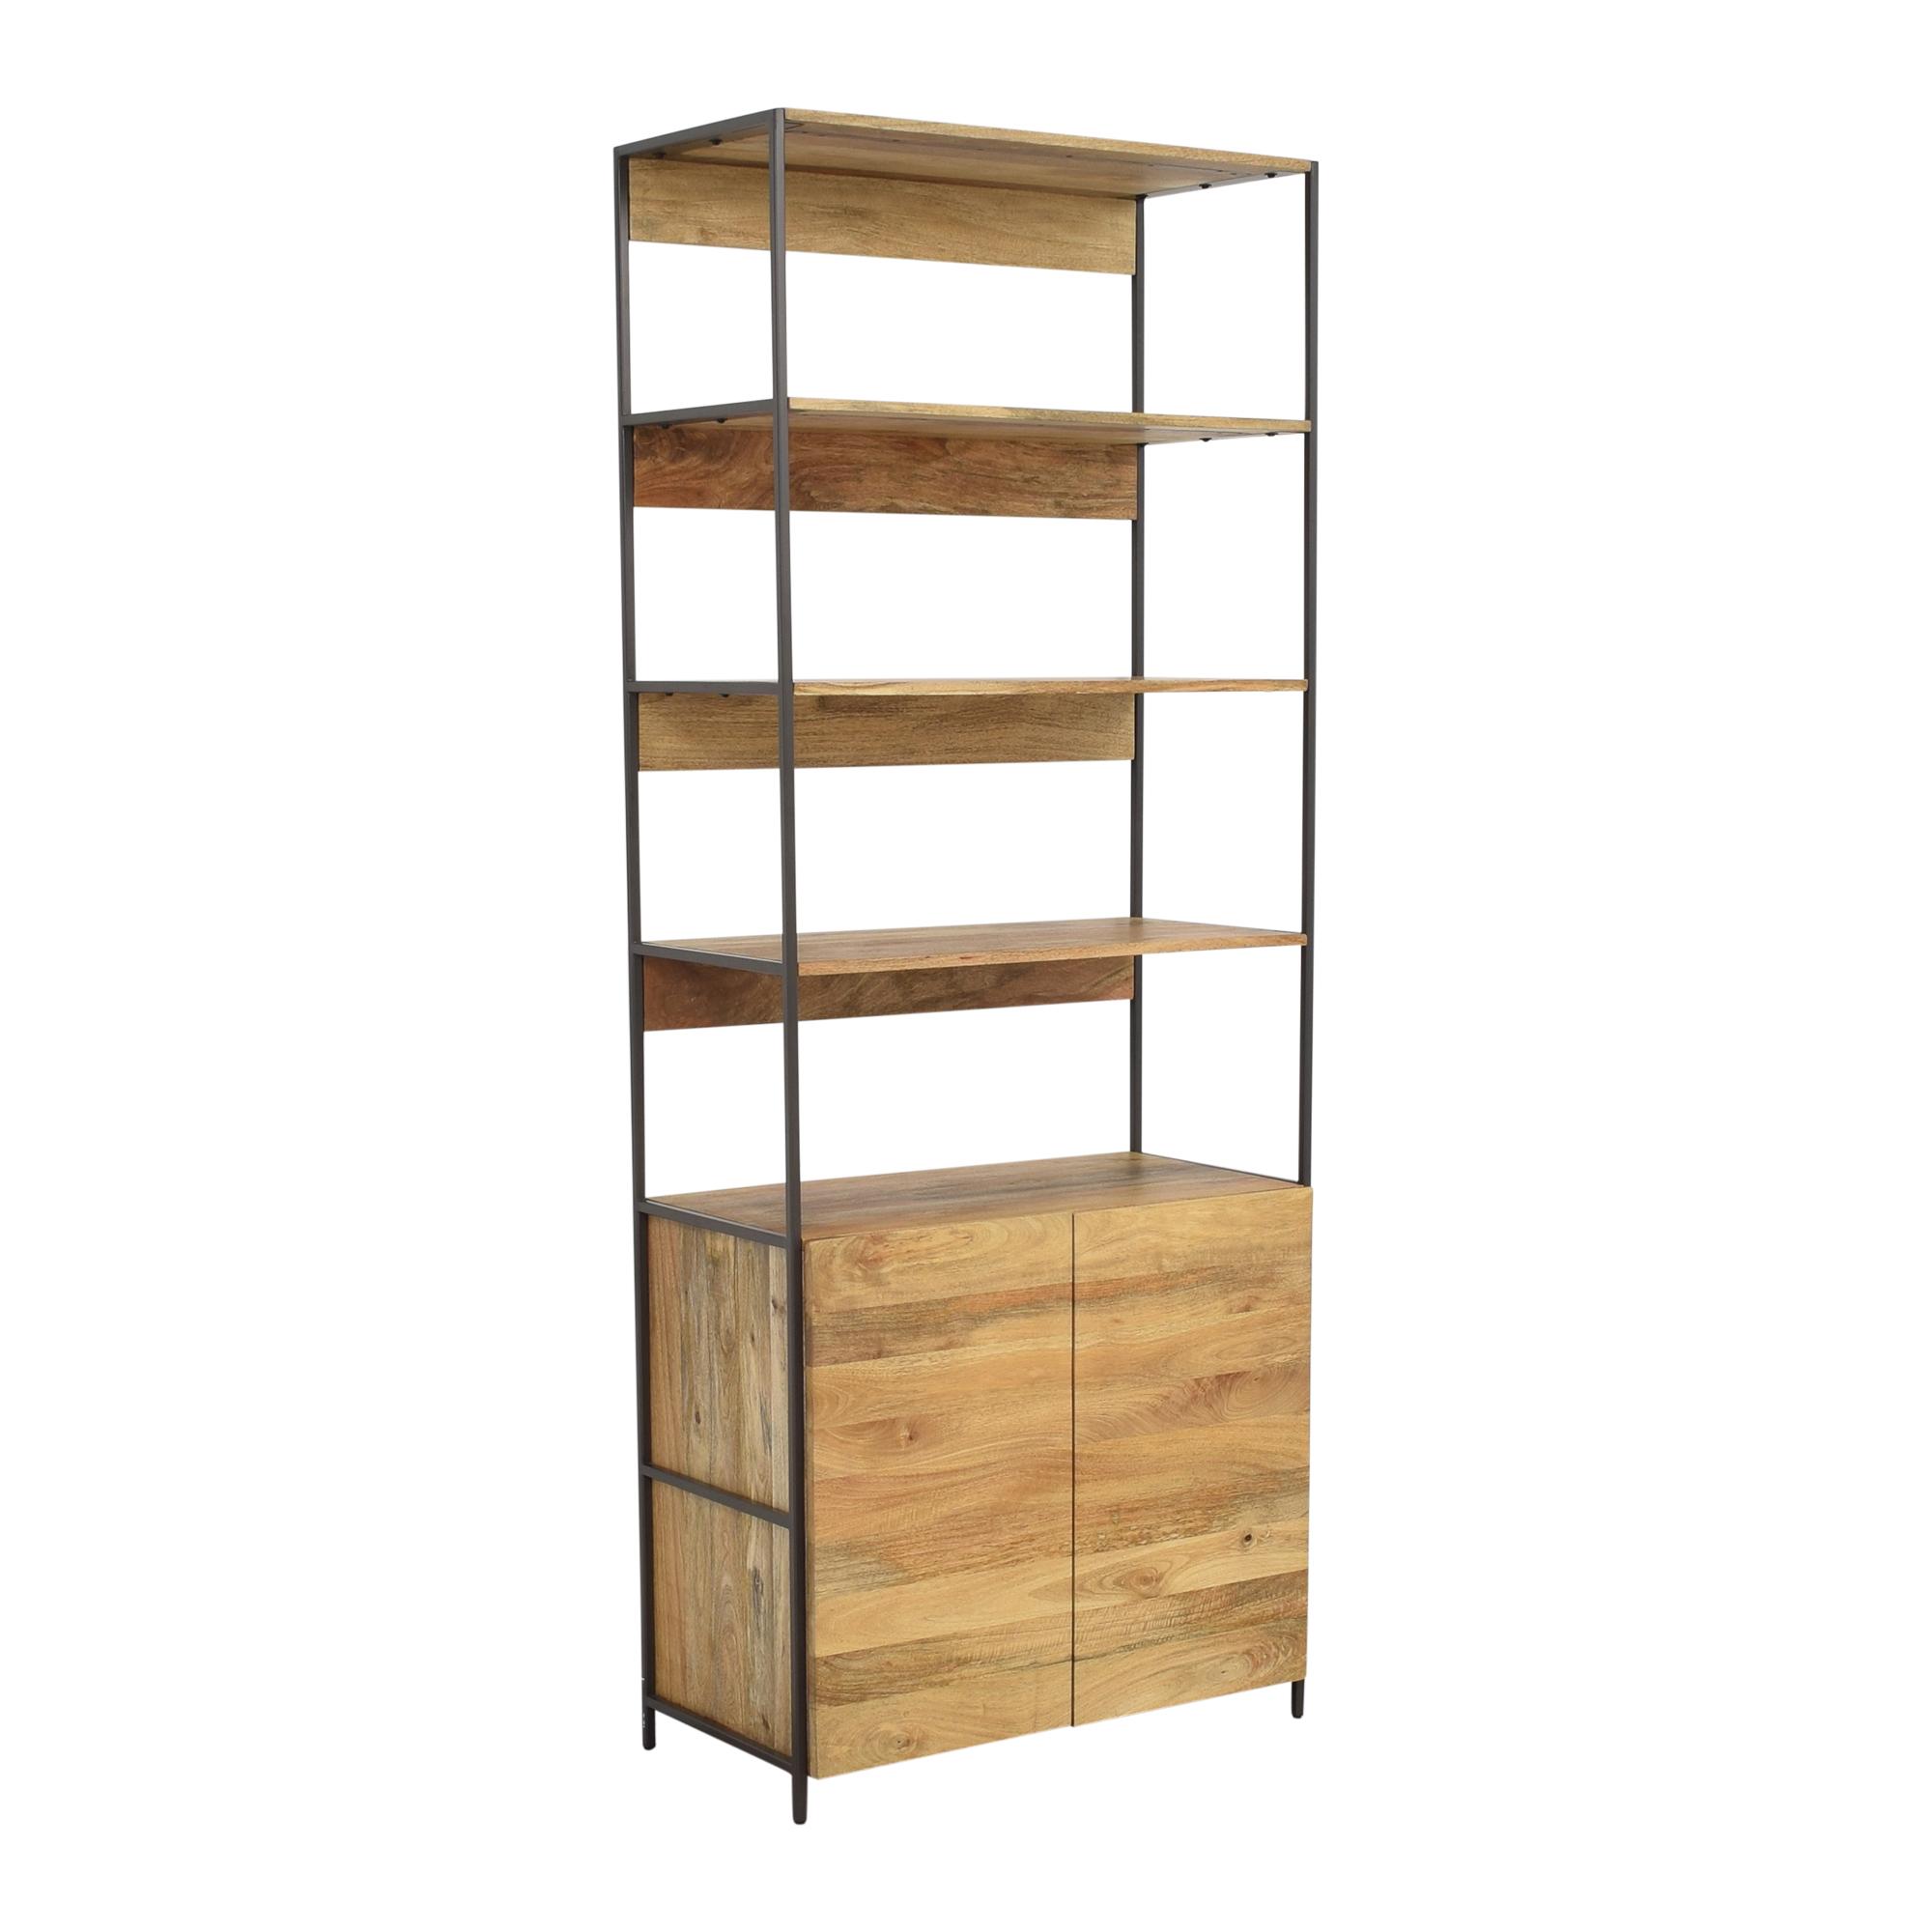 shop West Elm Industrial Storage Modular System West Elm Bookcases & Shelving